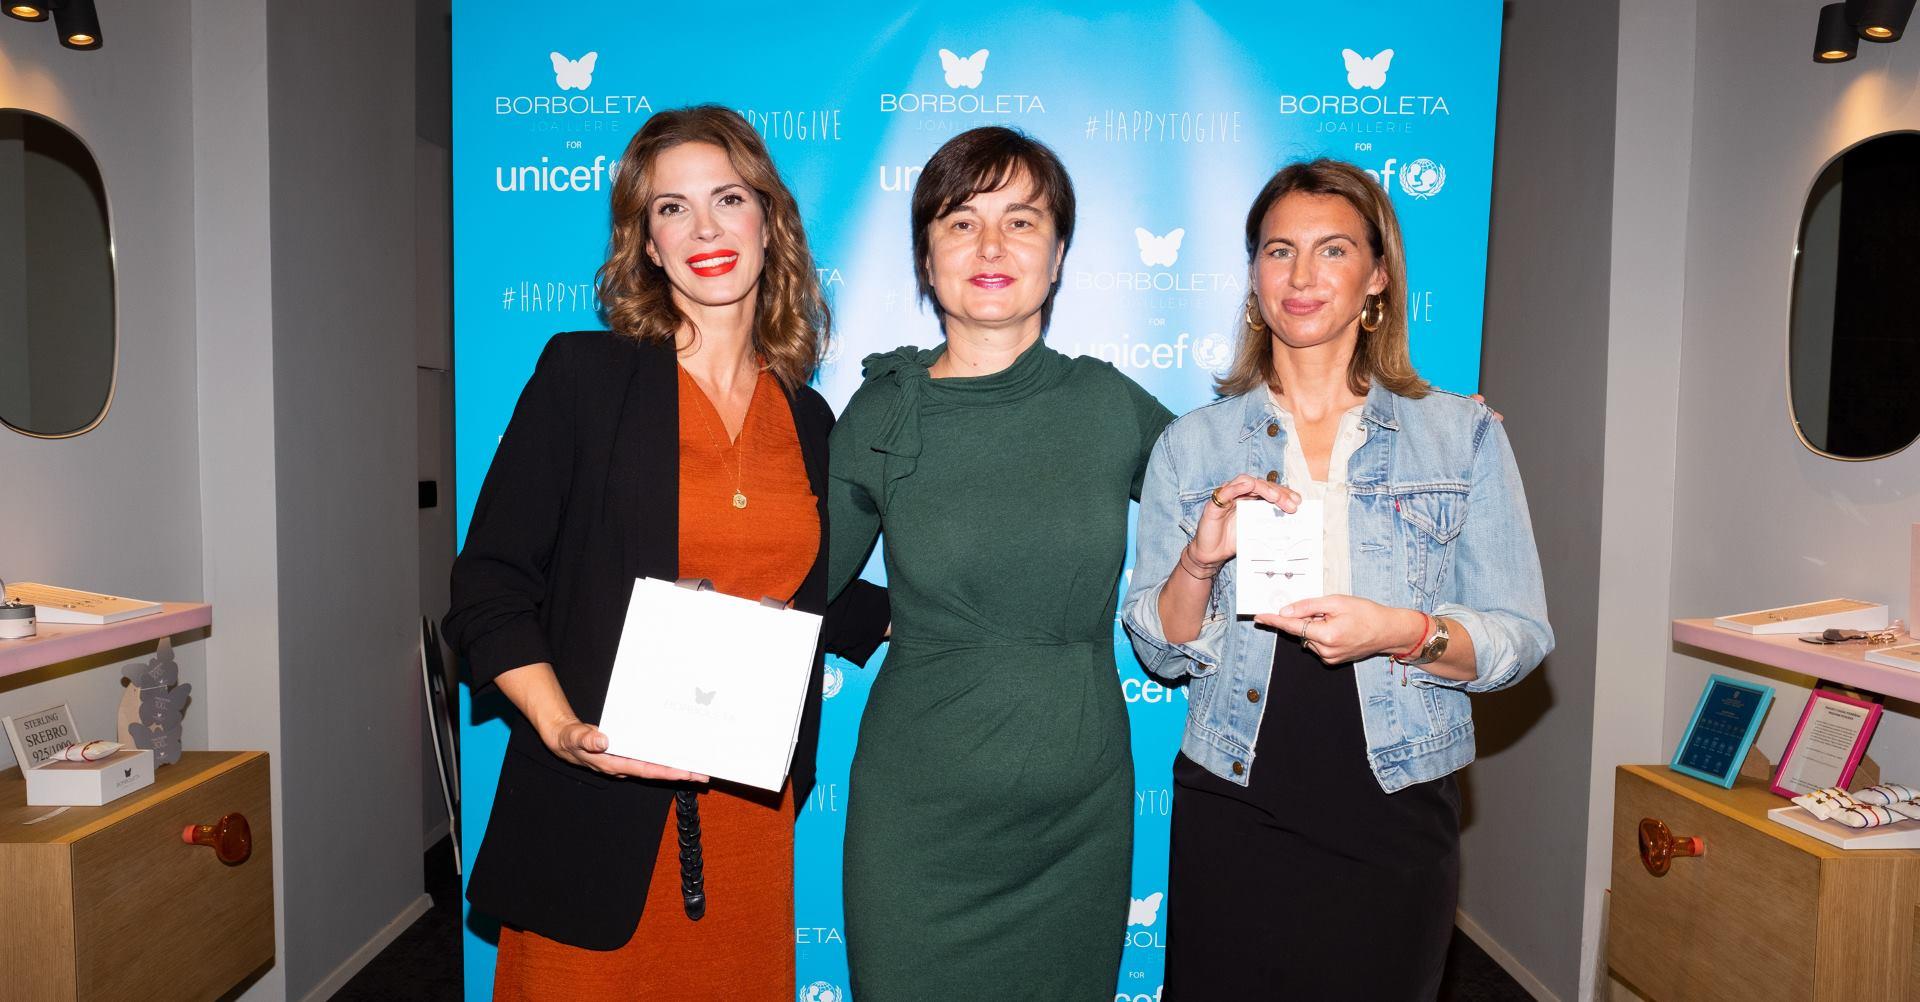 UNICEF i Borboleta zajedno u kampanji za djecu #HAPPYTOGIVE